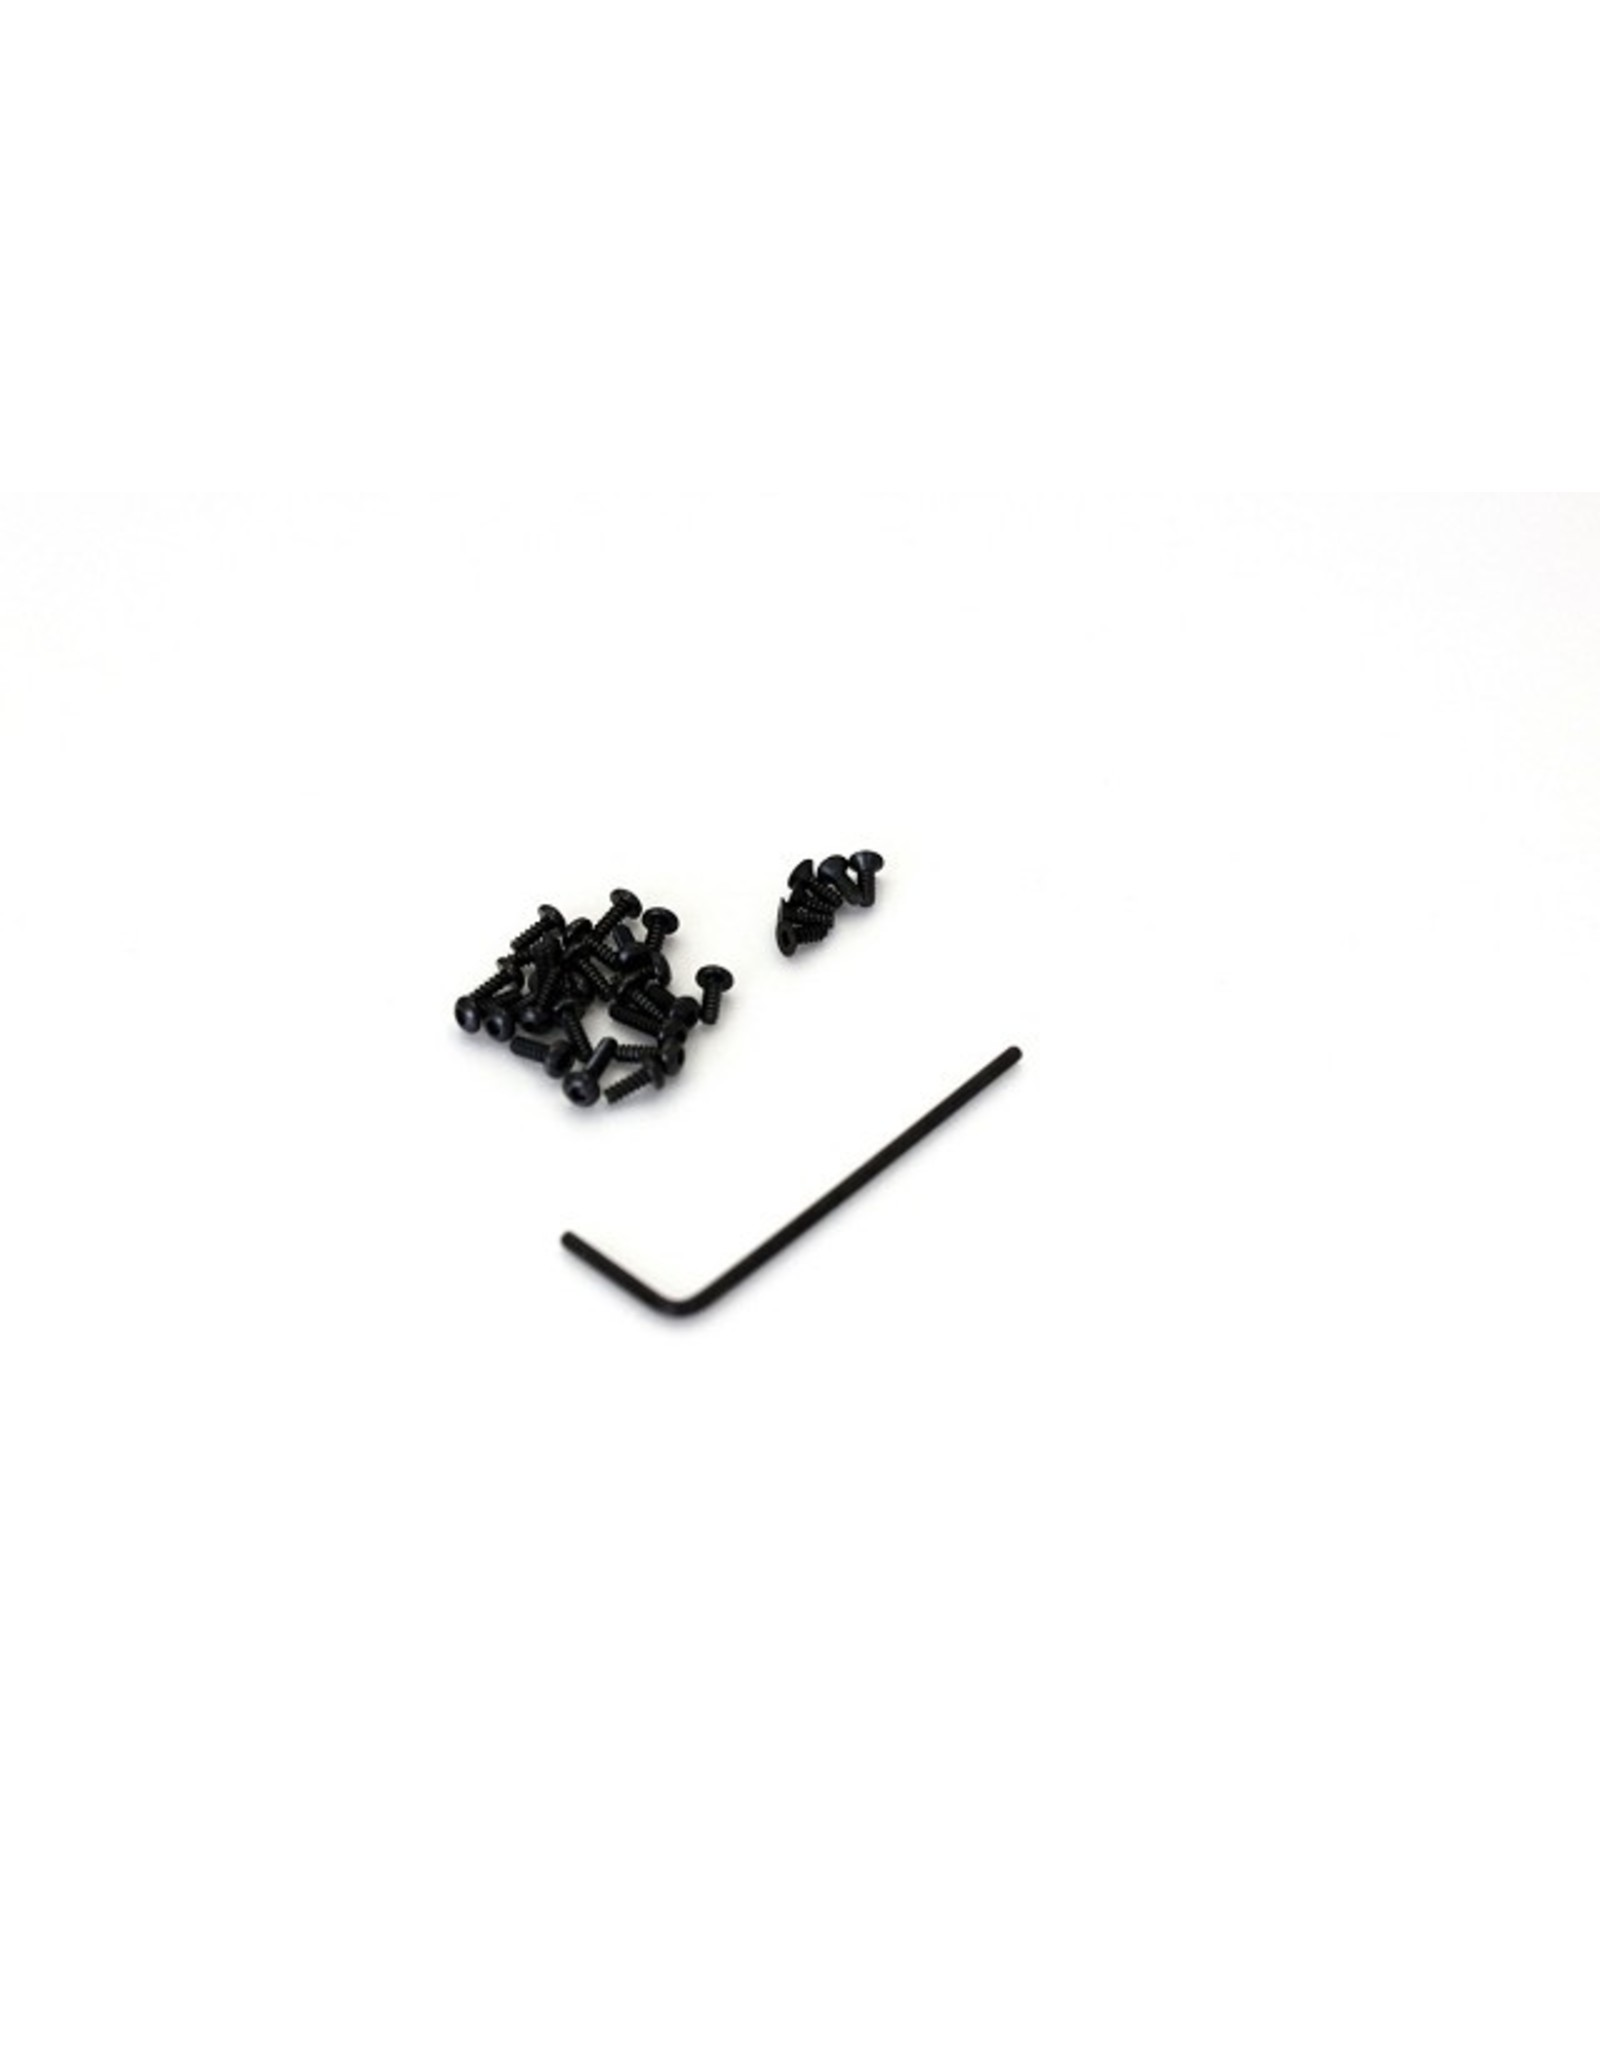 Kyosho Button HEX Screw set (AWD)  (MDW020BK)